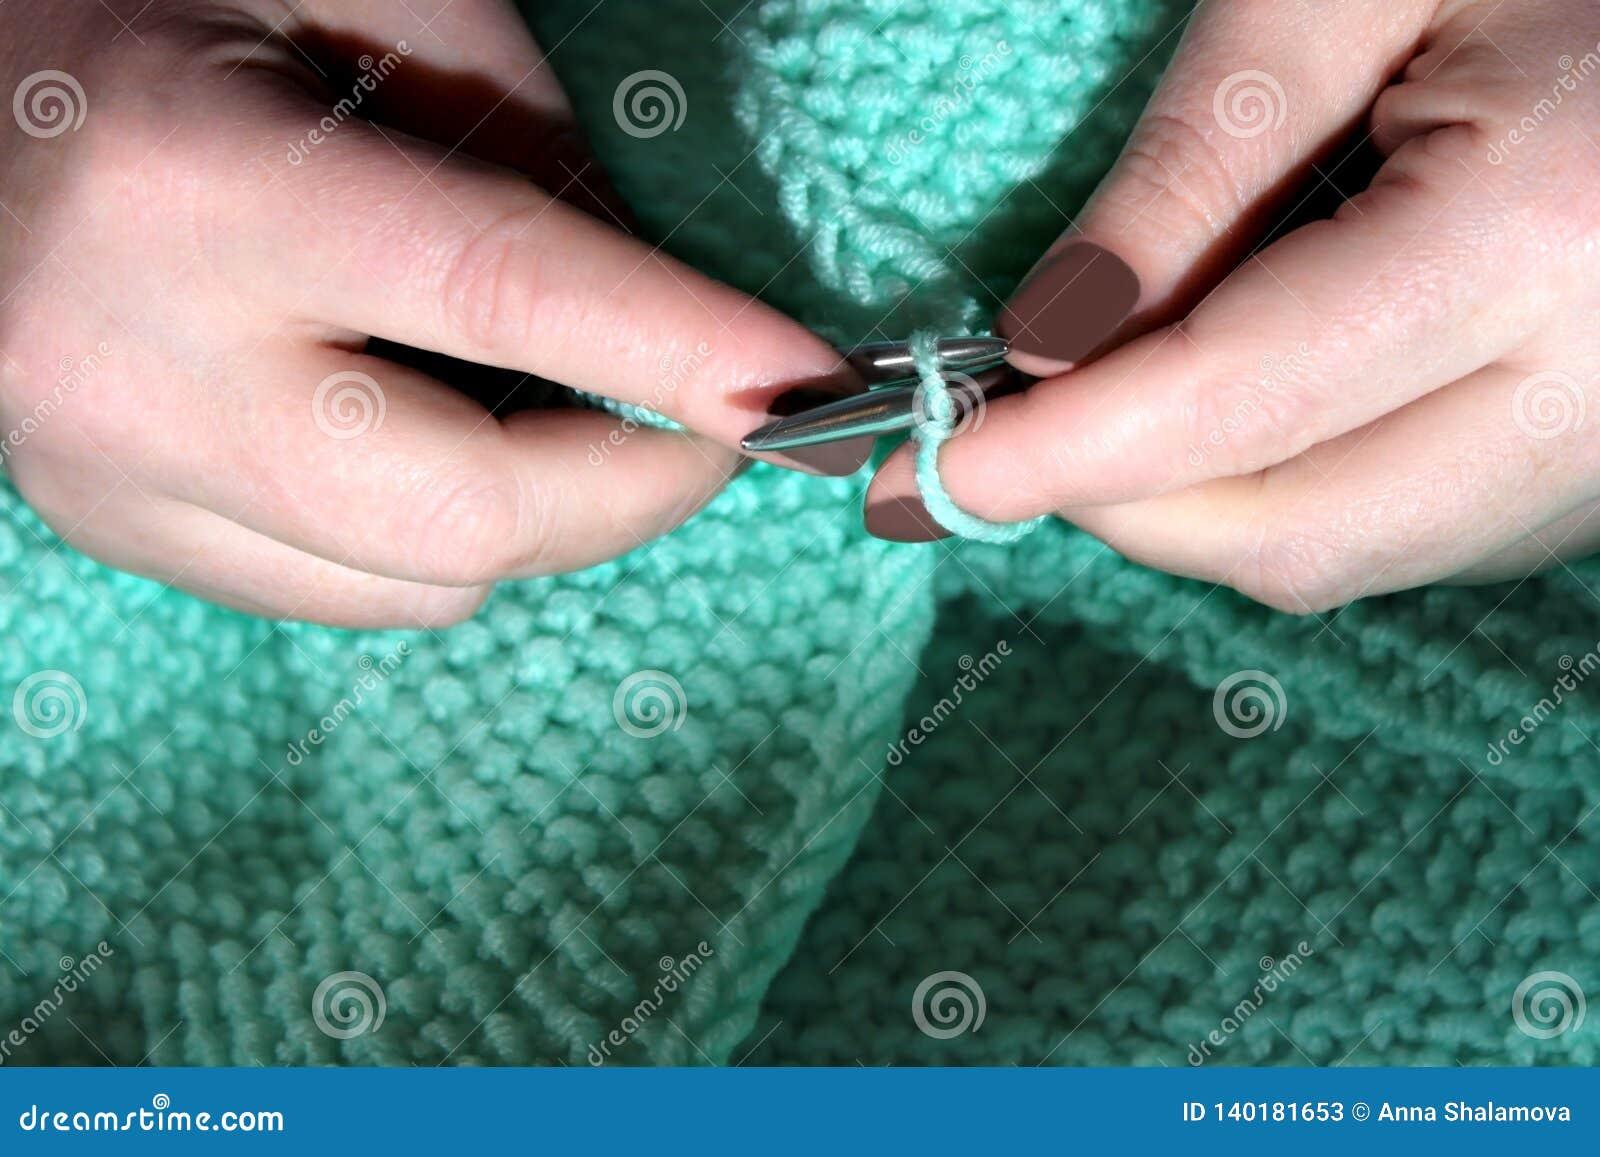 Les mains de la femme avec la manucure, qui tricotent doucement un chandail de turquoise avec les aiguilles de tricotage en acier